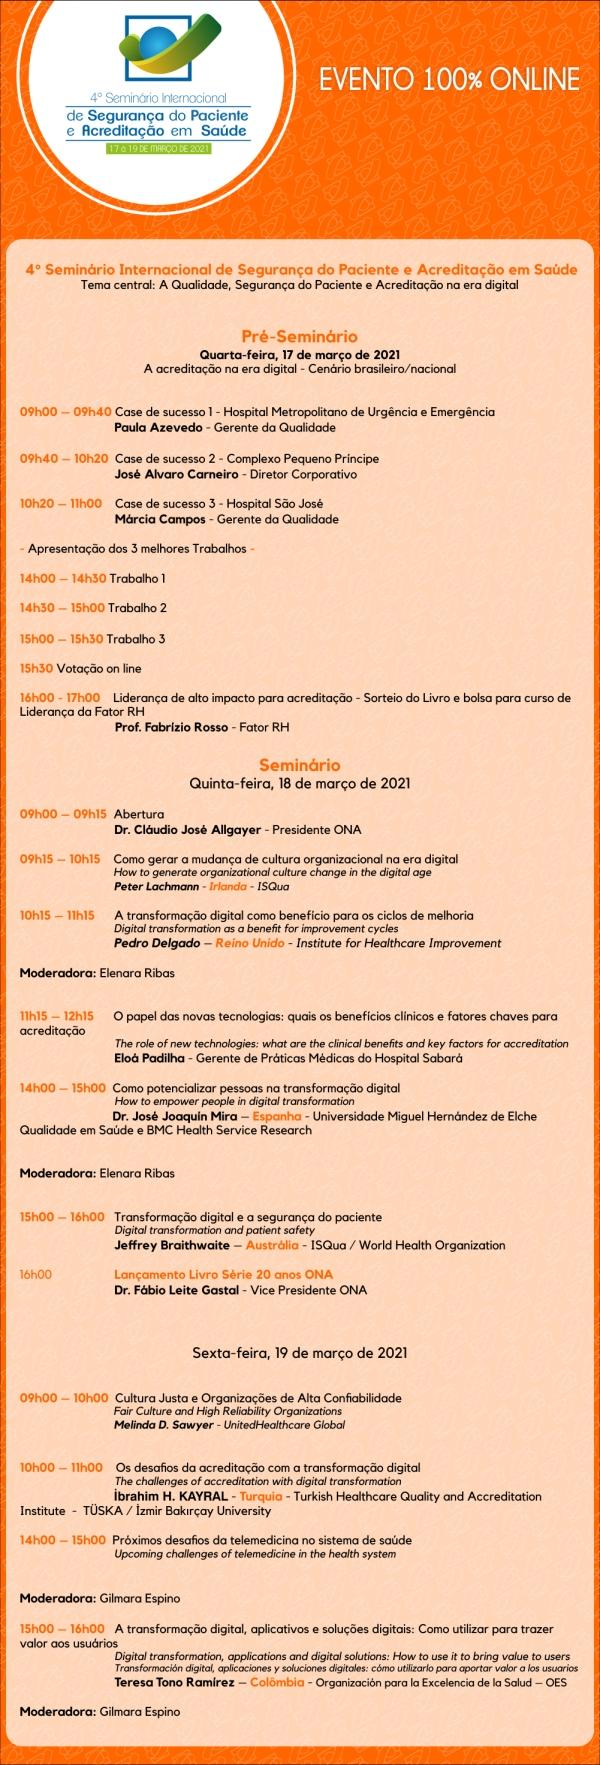 Seminário Internacional de Segurança do Paciente e Acreditação em Saúde